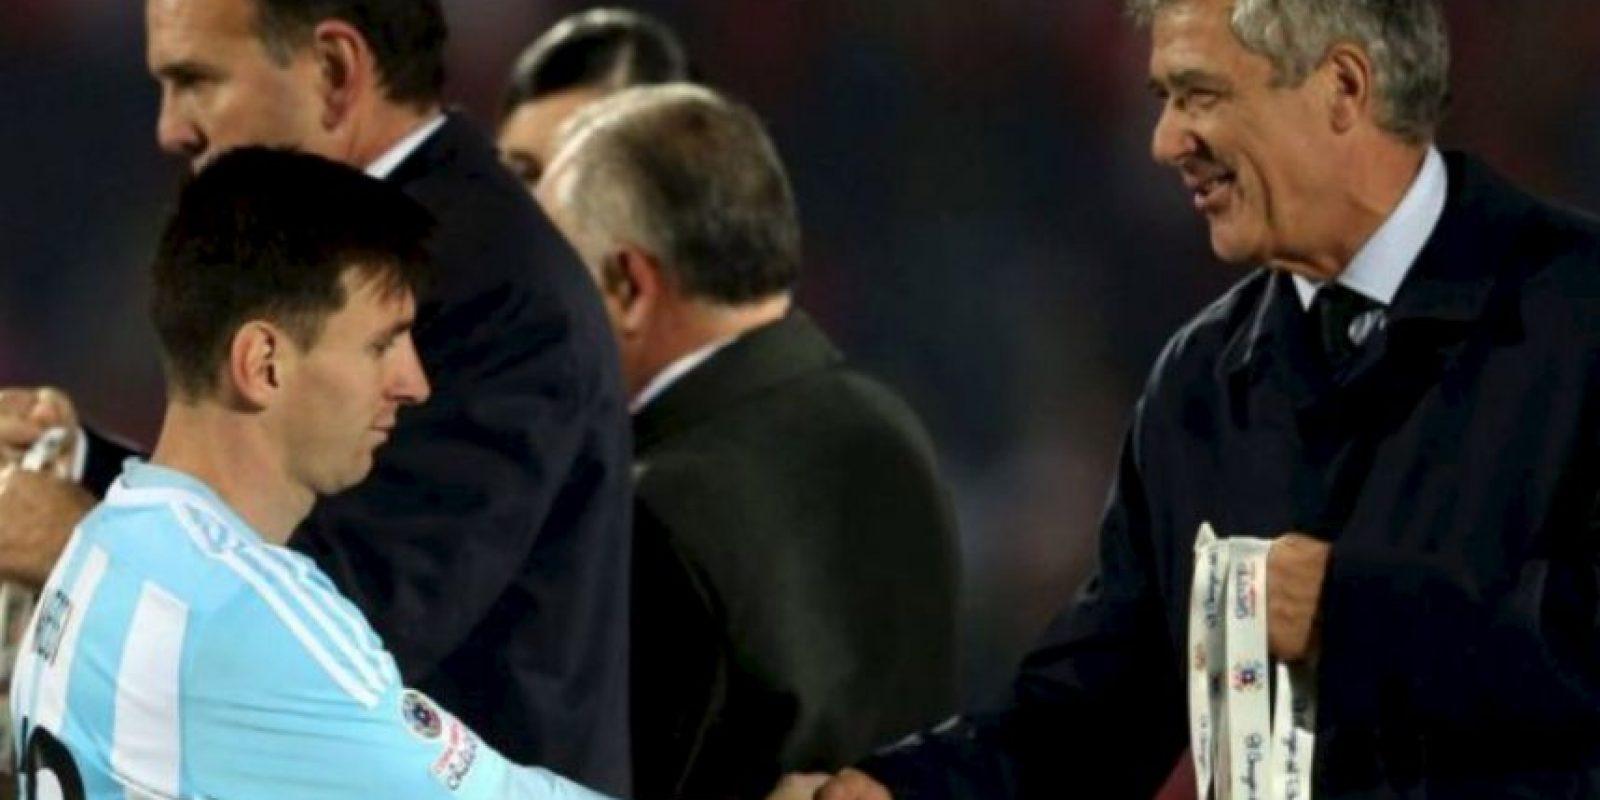 Ya había sido subcampeón en la Copa América de 2007 y el Mundial de 2014 Foto:AFP